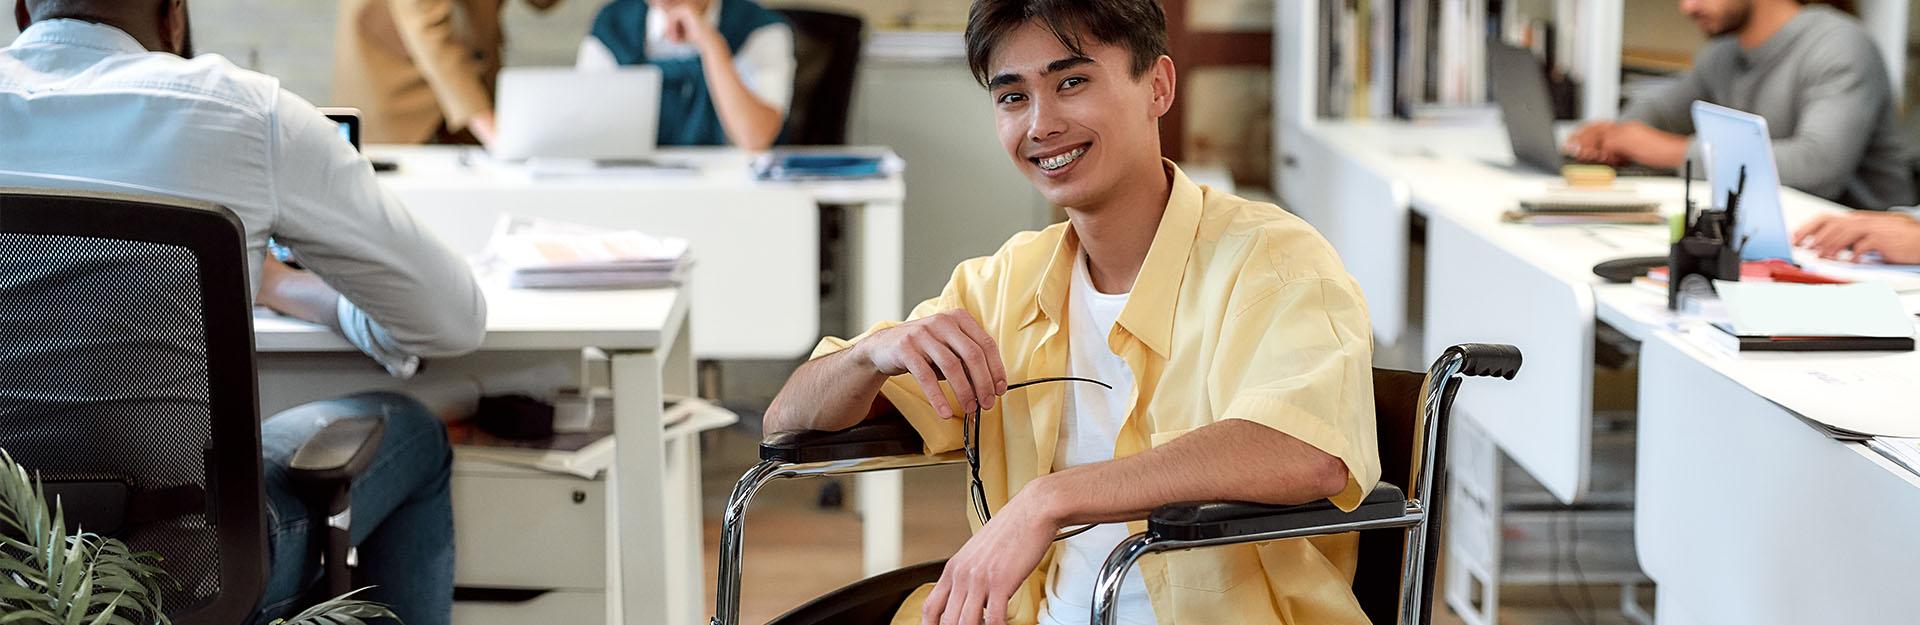 Un chico en silla de ruedas sonríe ante la cámara en una oficina.